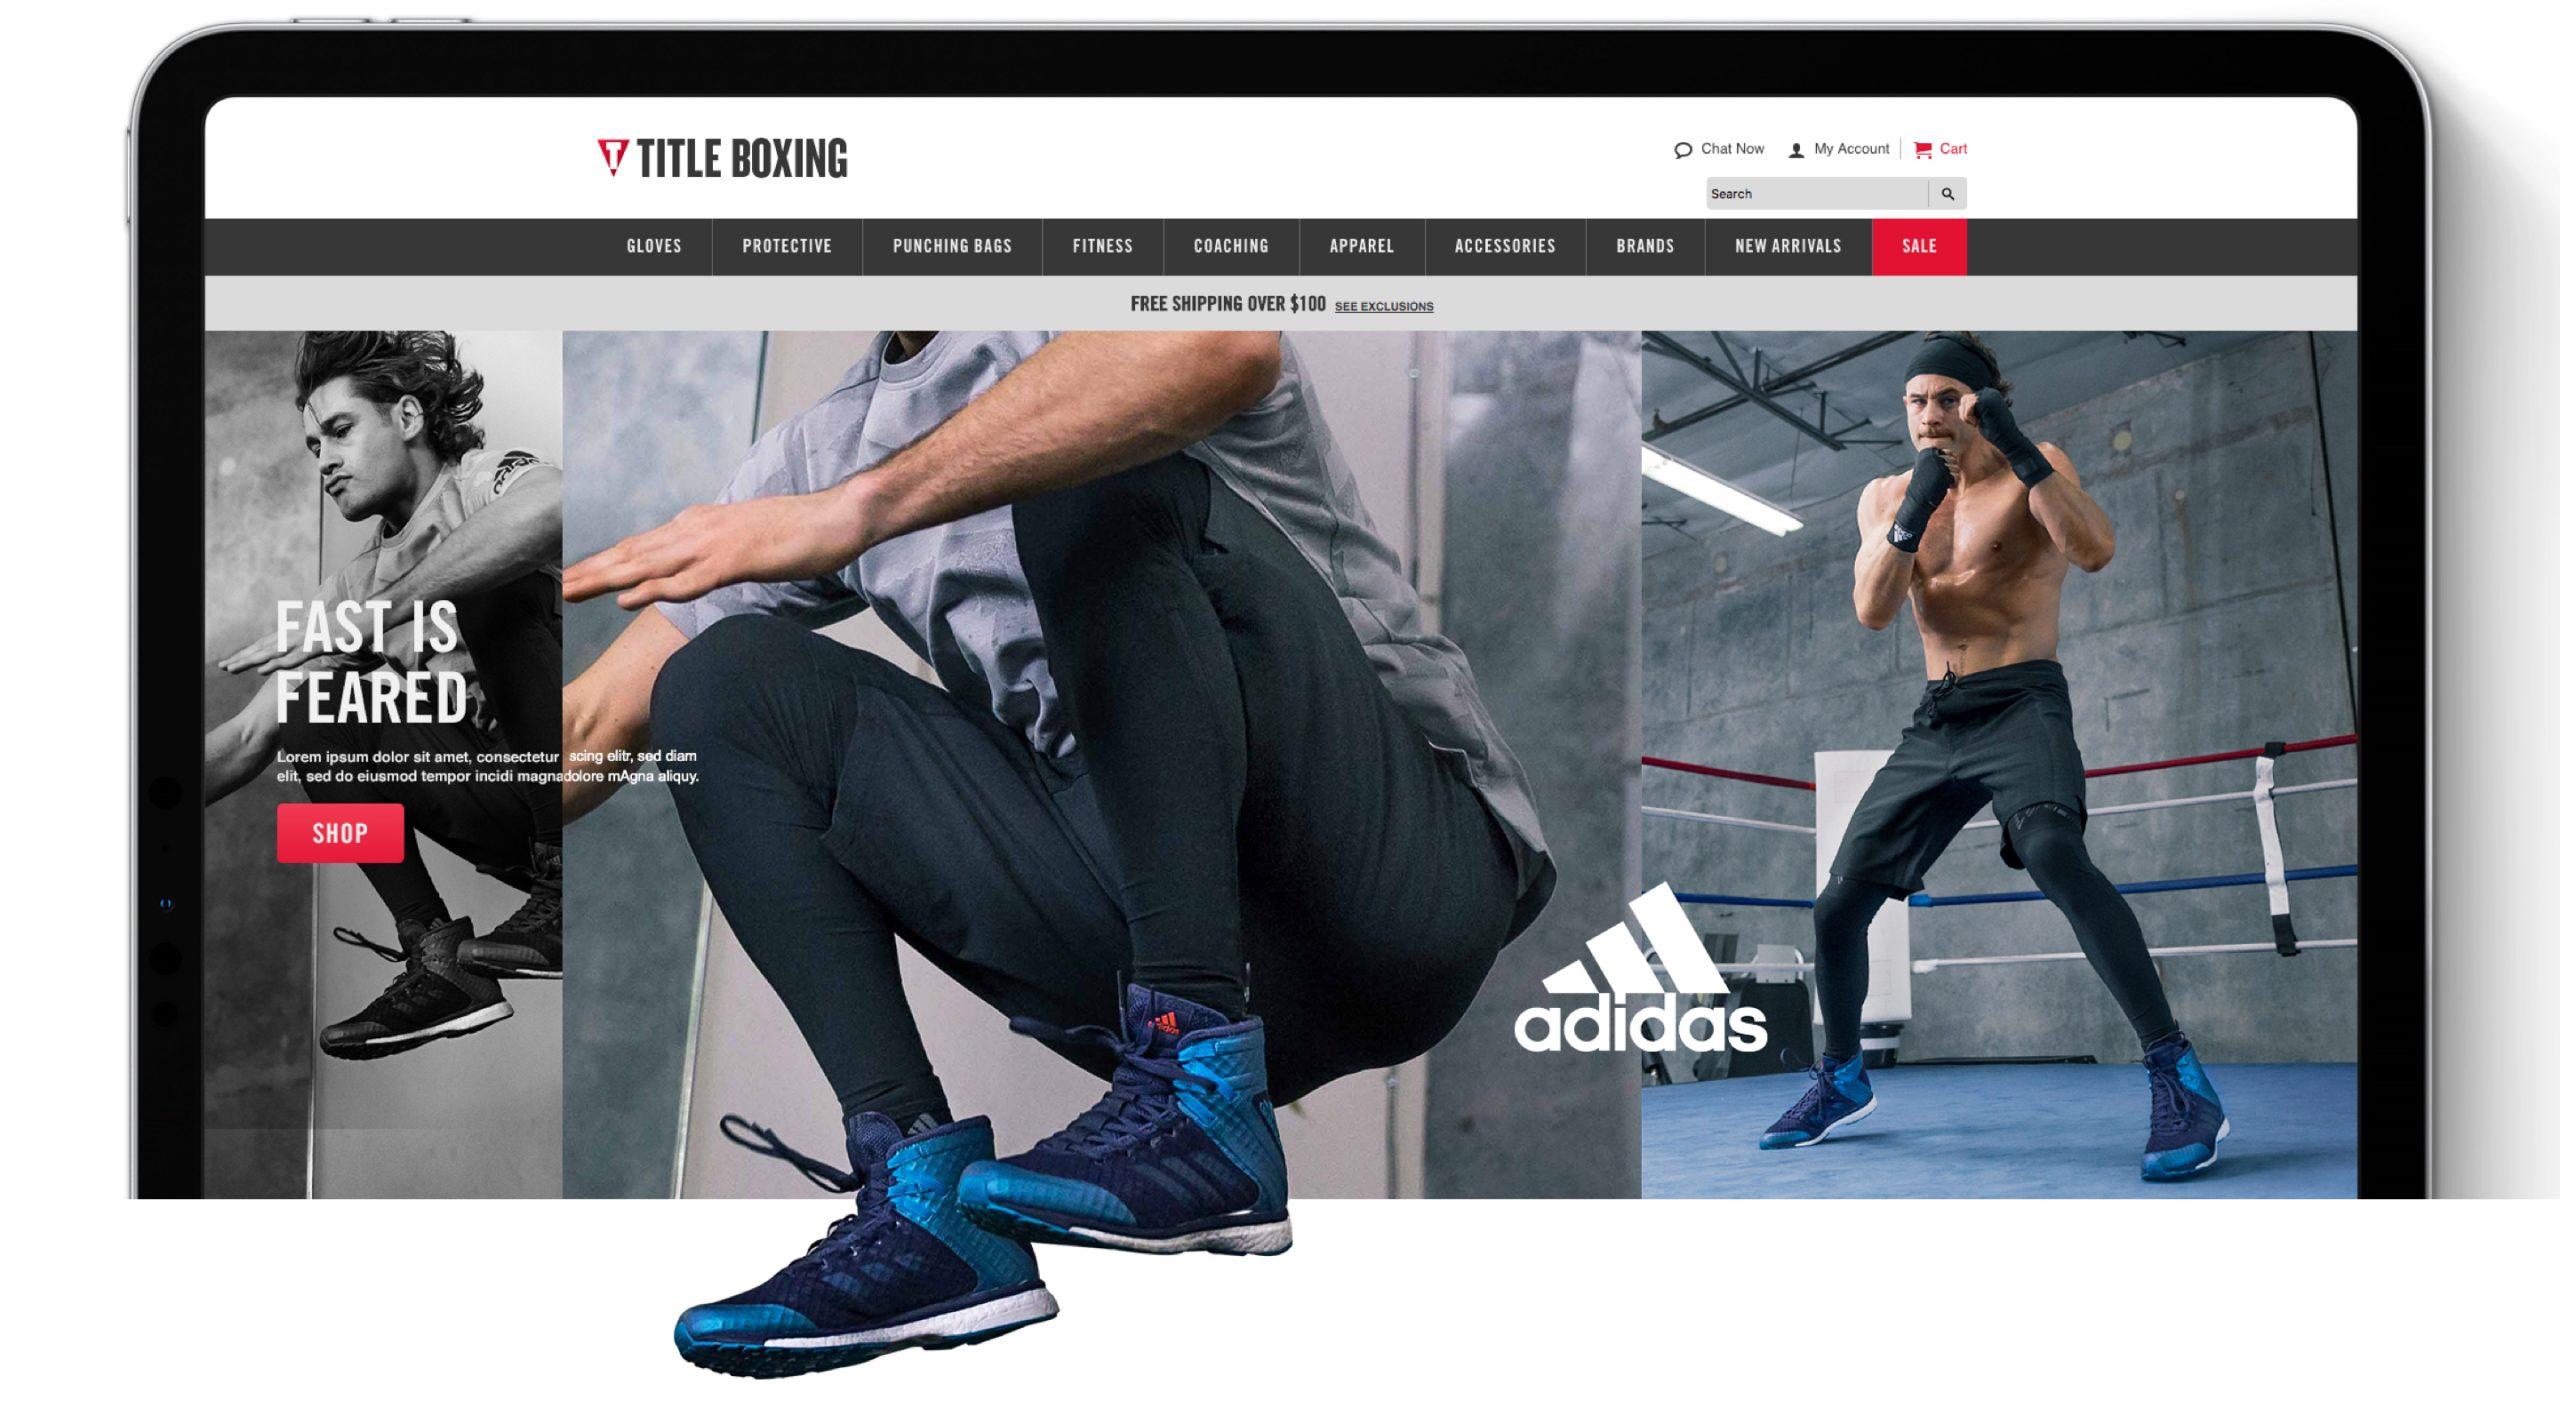 pascher-heinz-adidas-boxing-visual-02-2